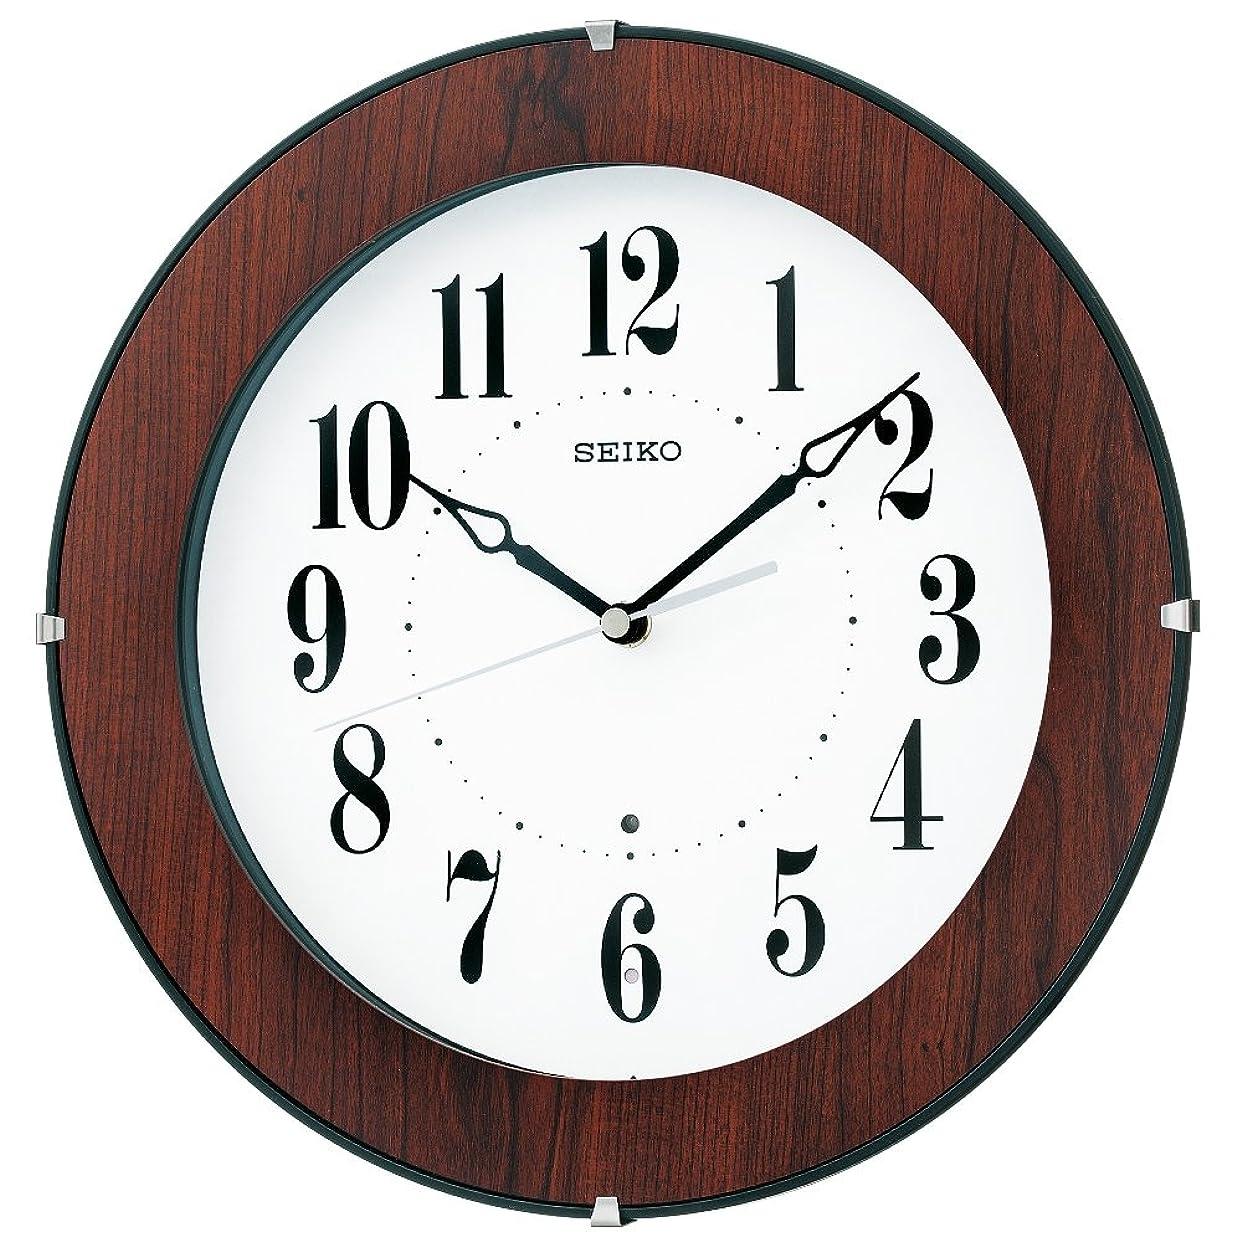 写真思いつくナビゲーションセイコー クロック 掛け時計 電波 アナログ 木枠 茶 木目 KX392B SEIKO